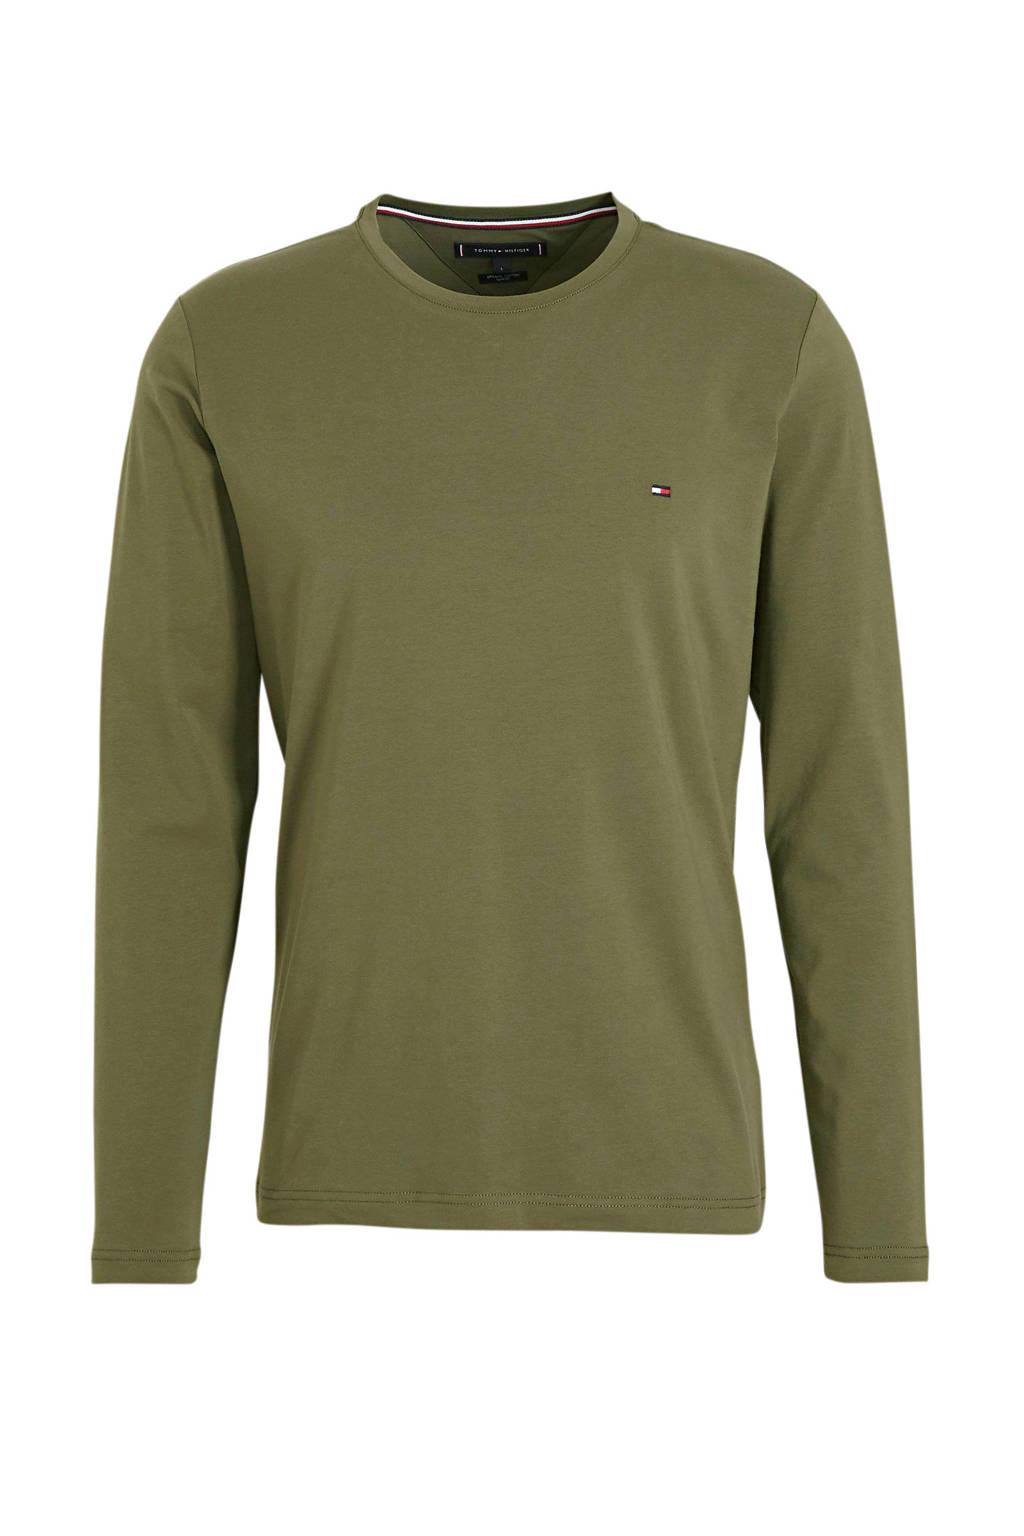 Tommy Hilfiger trui groen, Groen